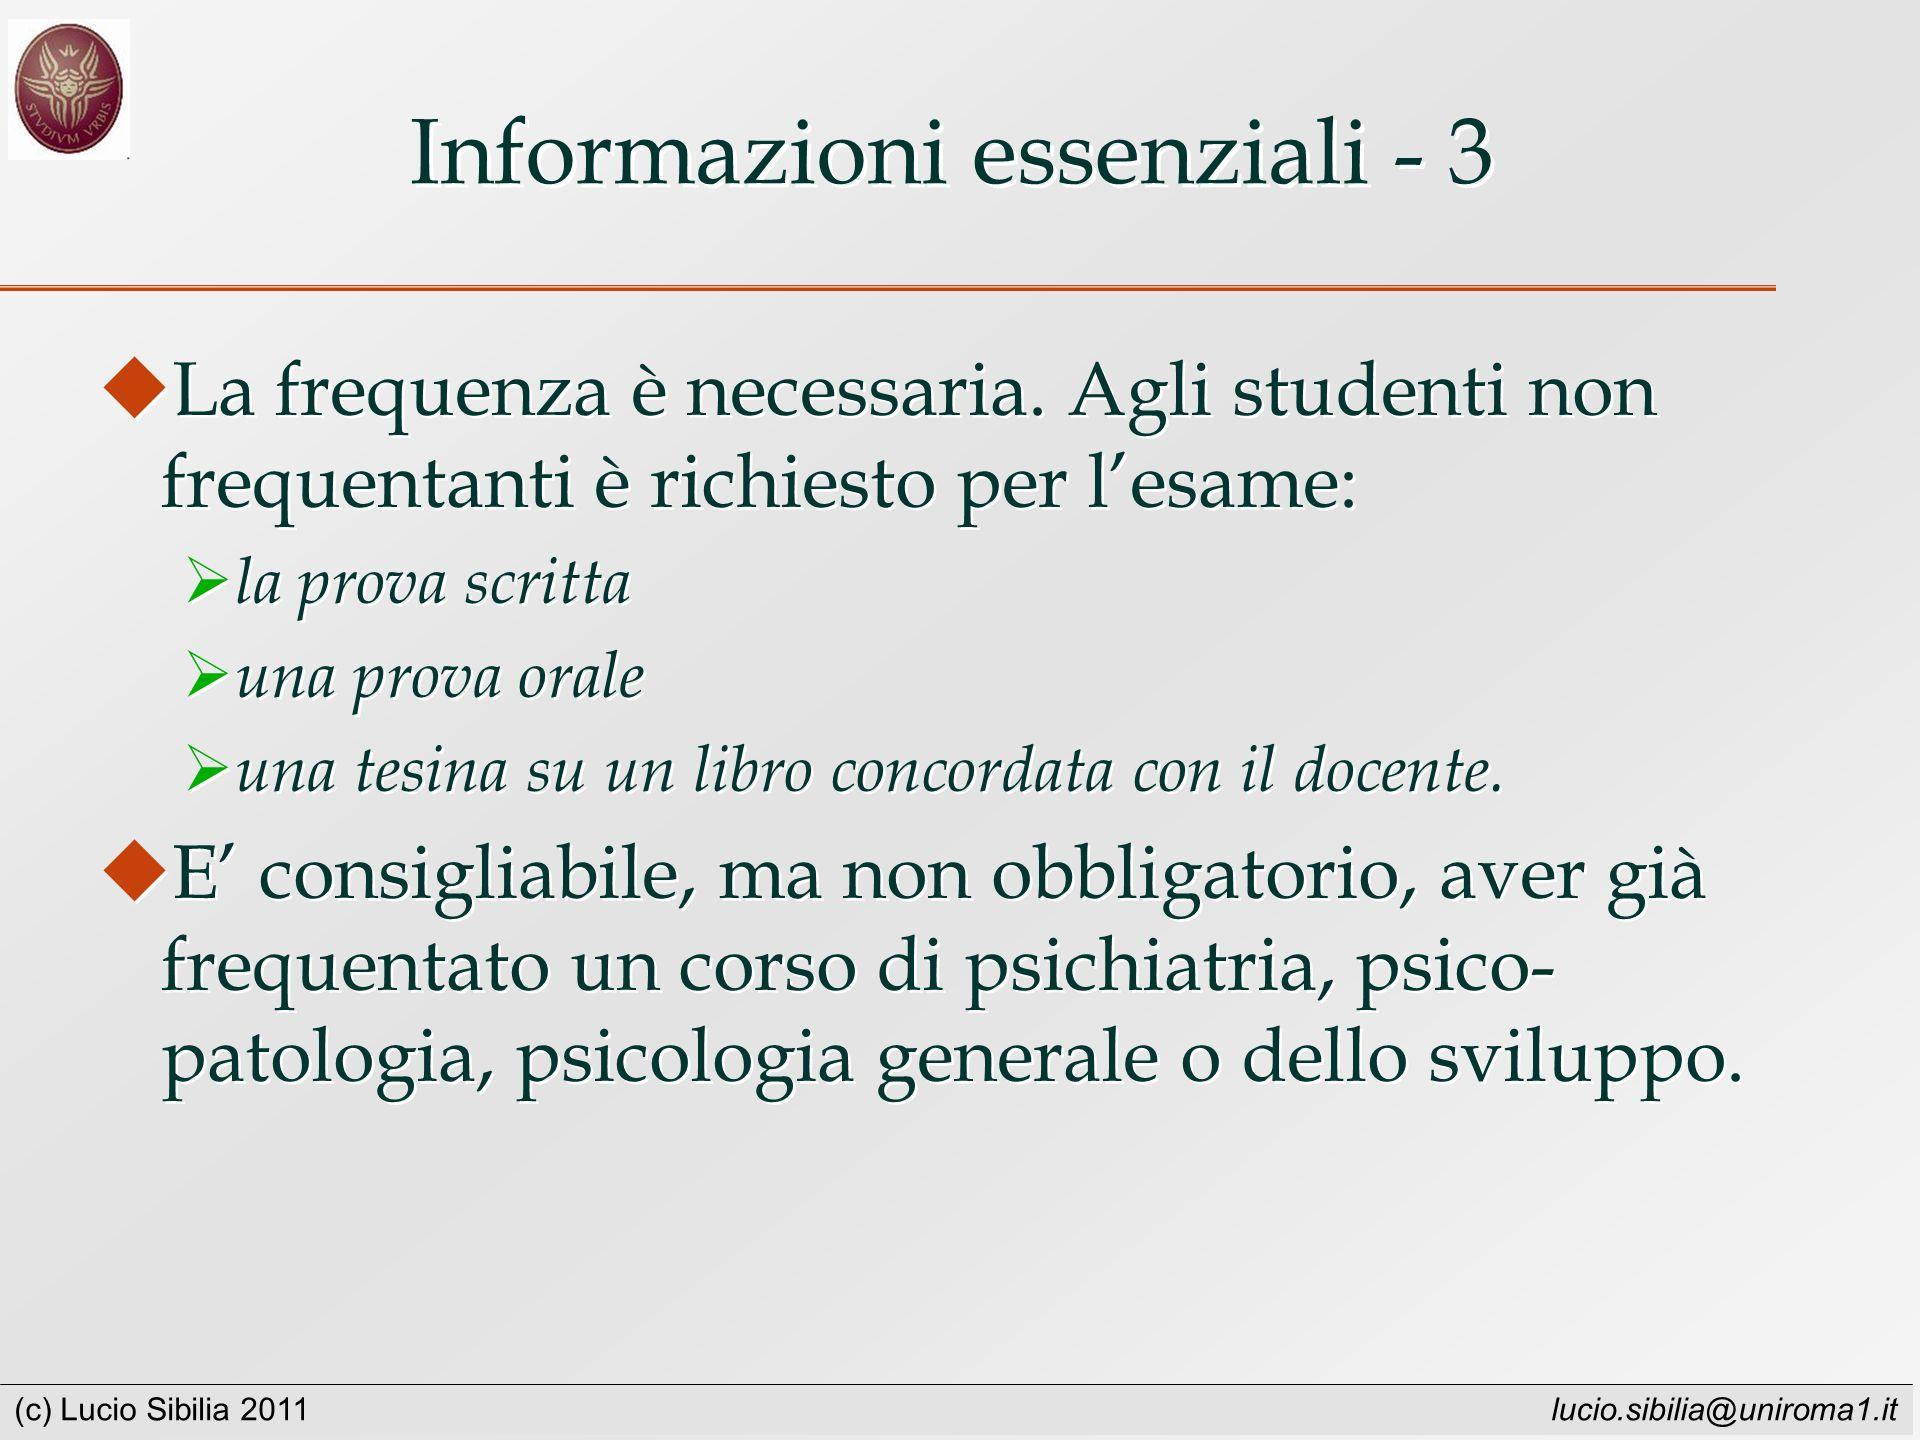 (c) Lucio Sibilia 2011 lucio.sibilia@uniroma1.it Informazioni essenziali - 3 La frequenza è necessaria.